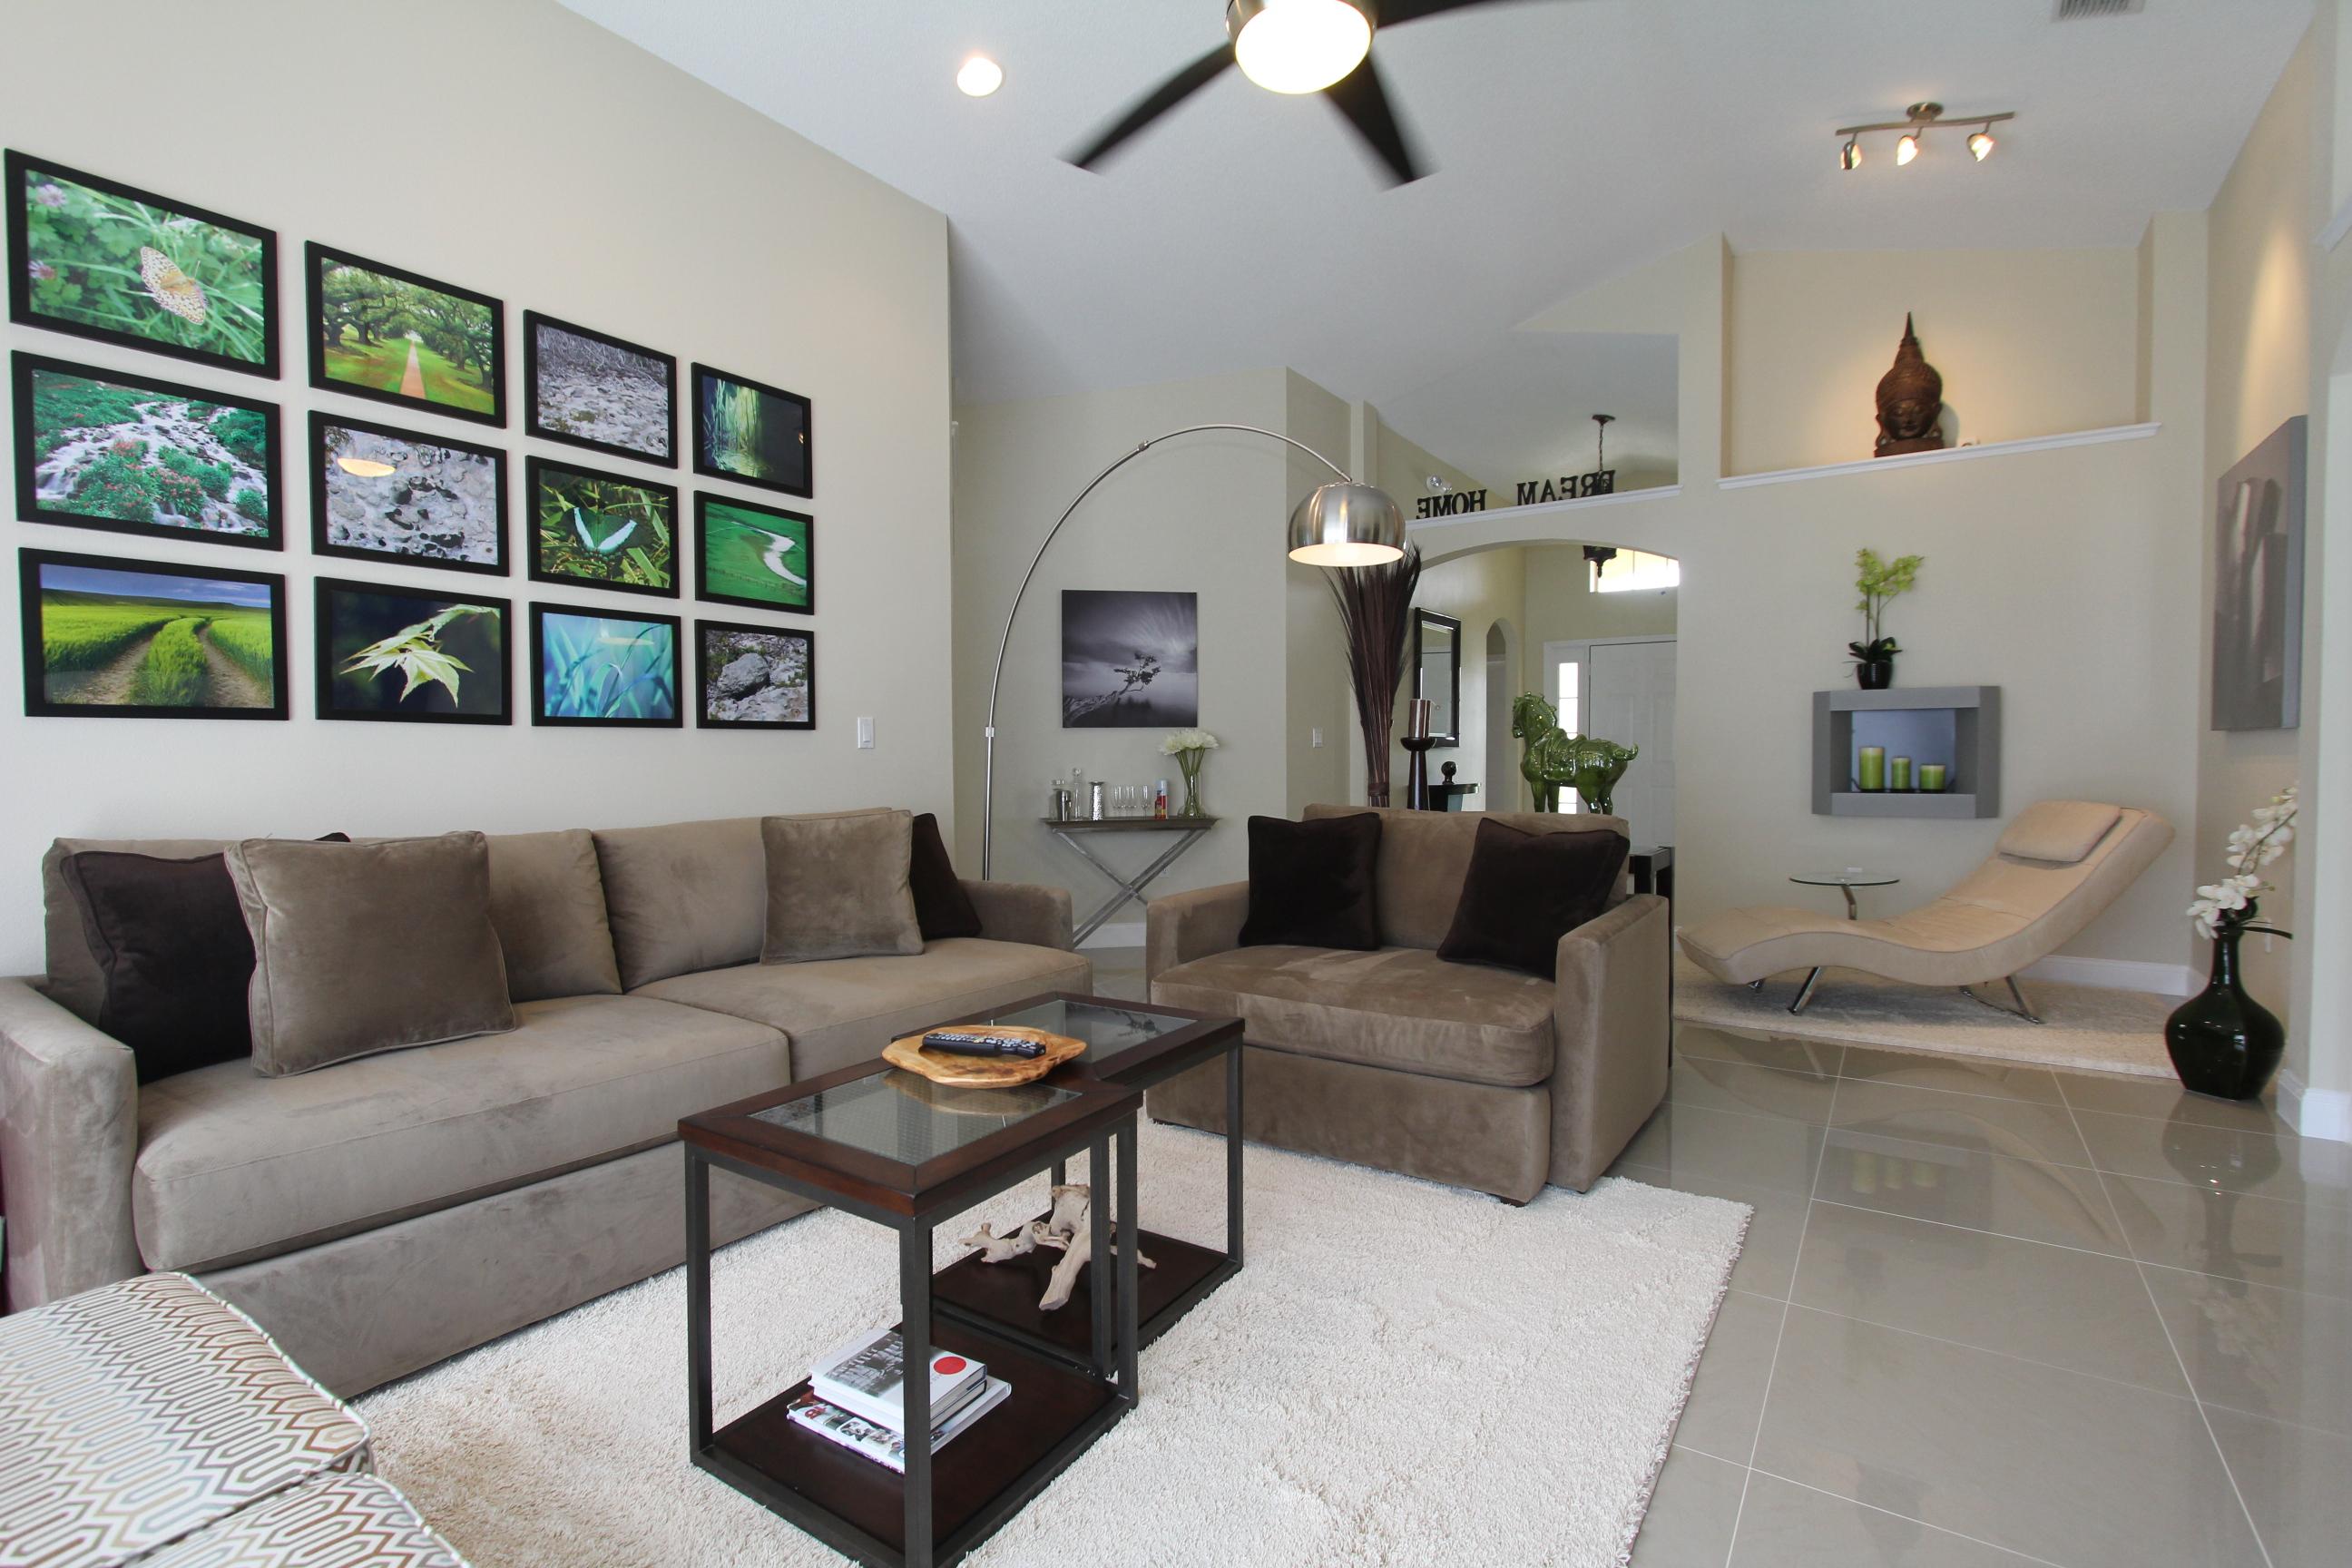 home staging design pros orlando fl 32801 866 650 1724. Black Bedroom Furniture Sets. Home Design Ideas